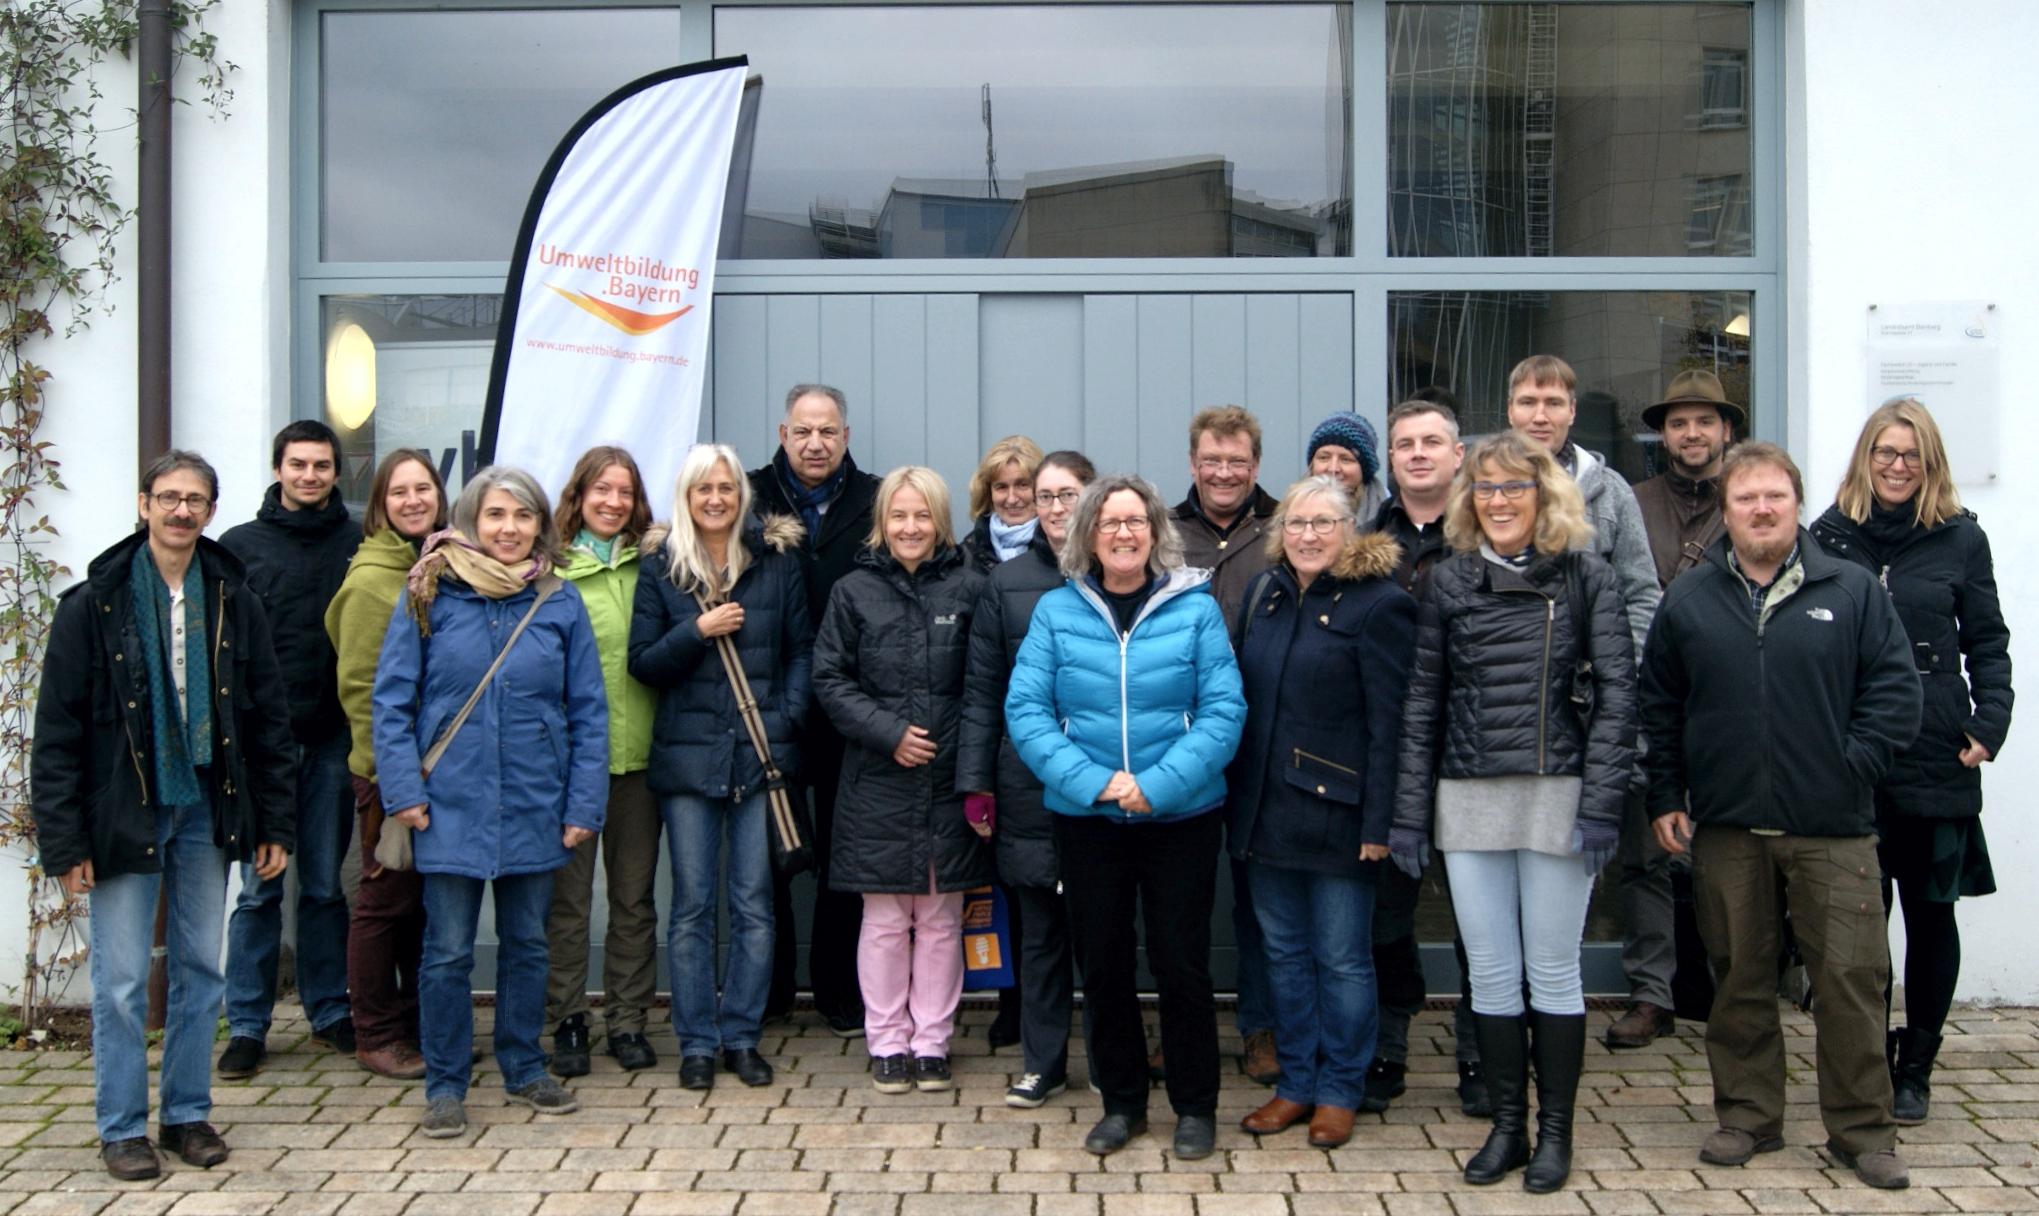 Runder Tisch Umweltbildung Oberfranken beim Herbsttreffen 2017 in Bamberg